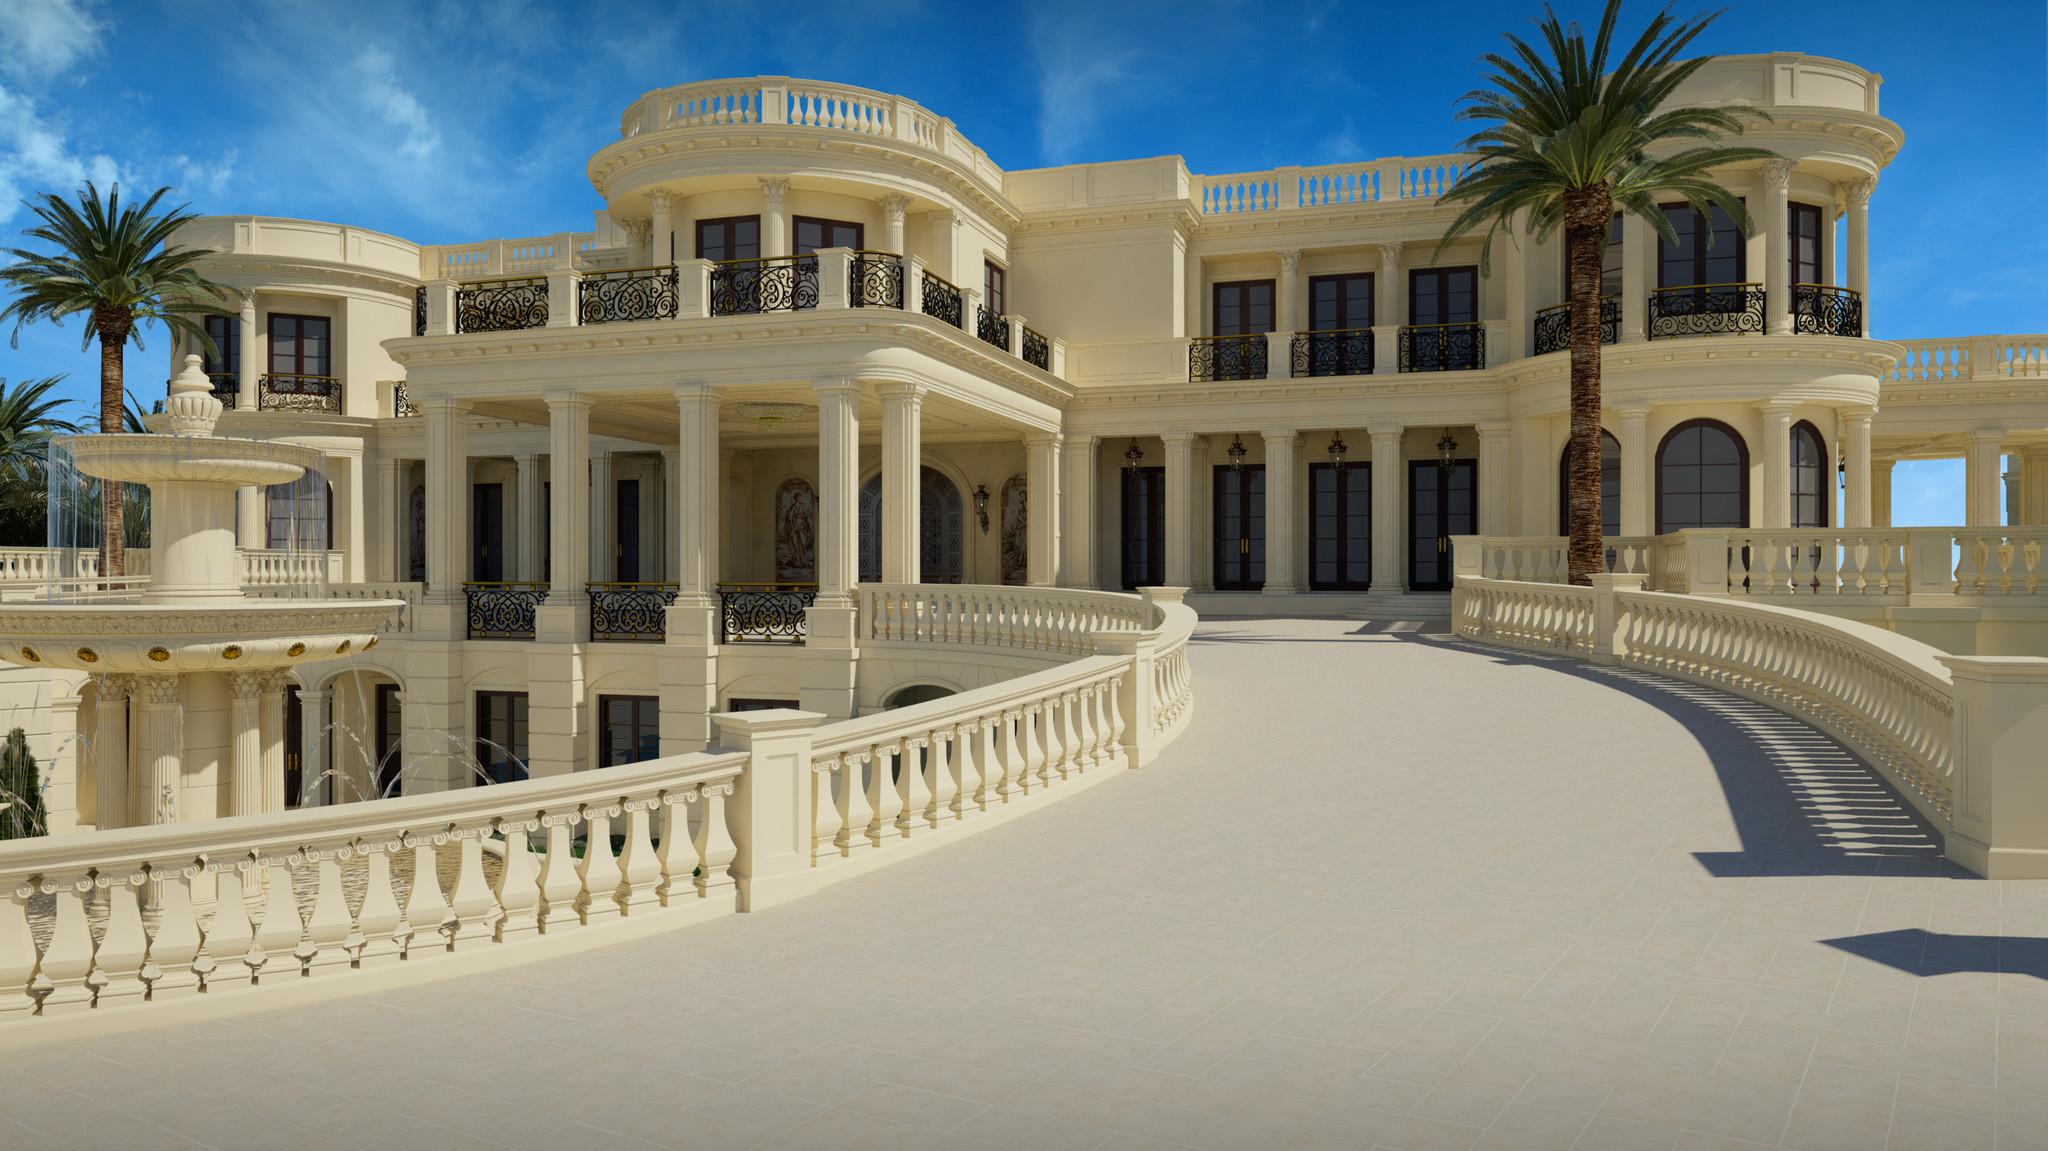 Broward palace valued at $85 million to get a royal tax bill